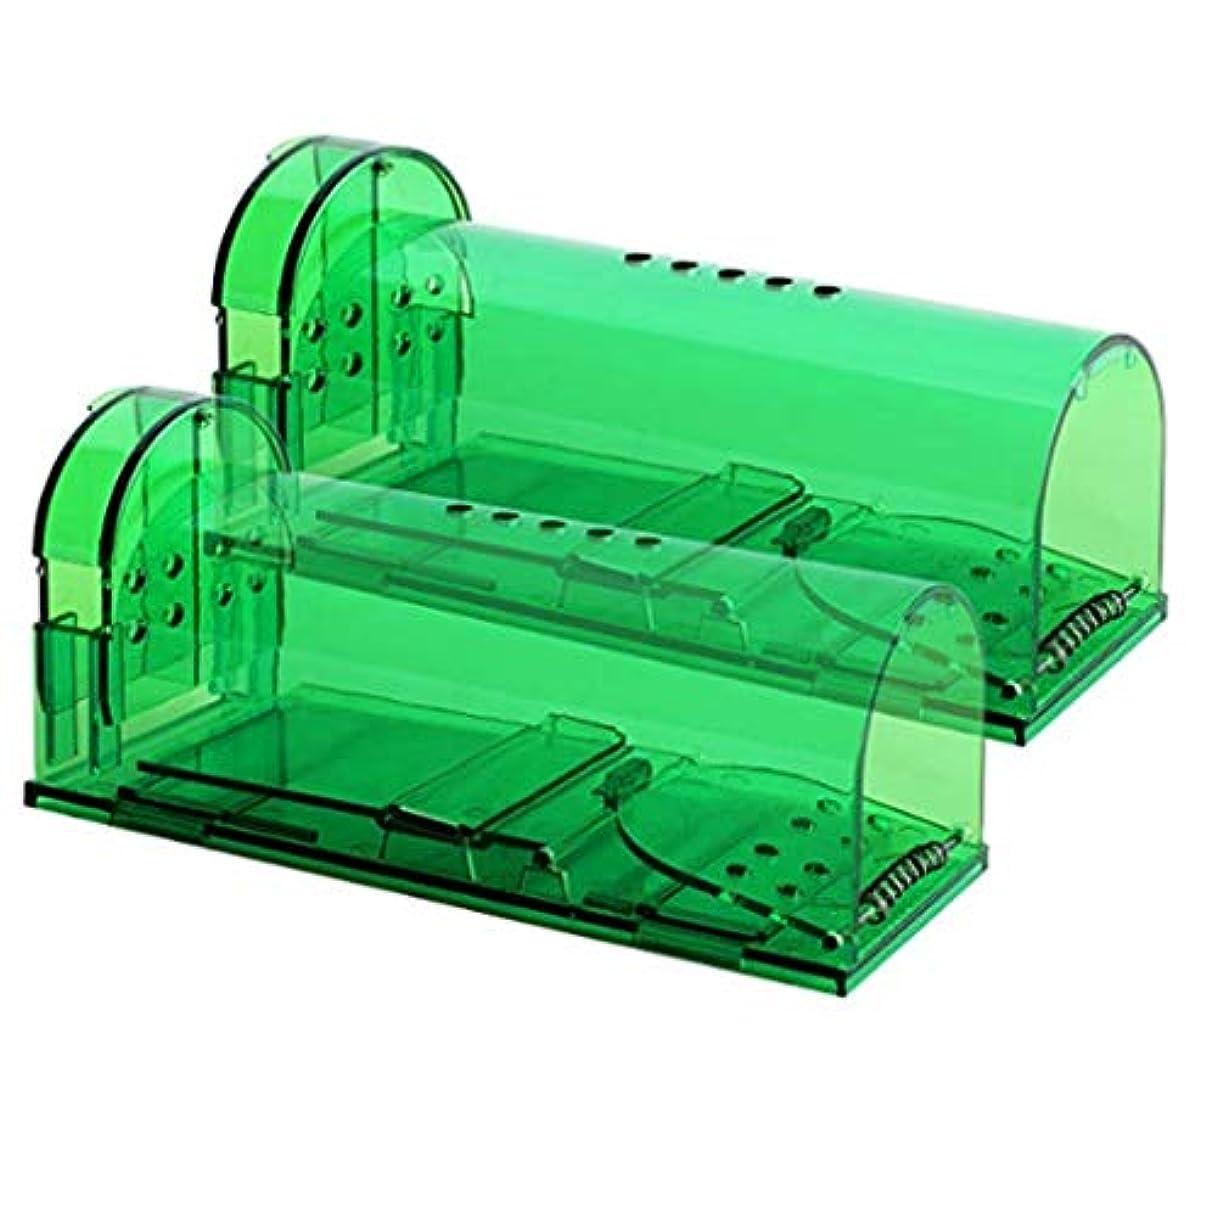 カブそこからツール2 .グリーンヒューマノイドマウスの罠リアルタイムの捕獲と釈放知能は重複使用するマウスを殺さない